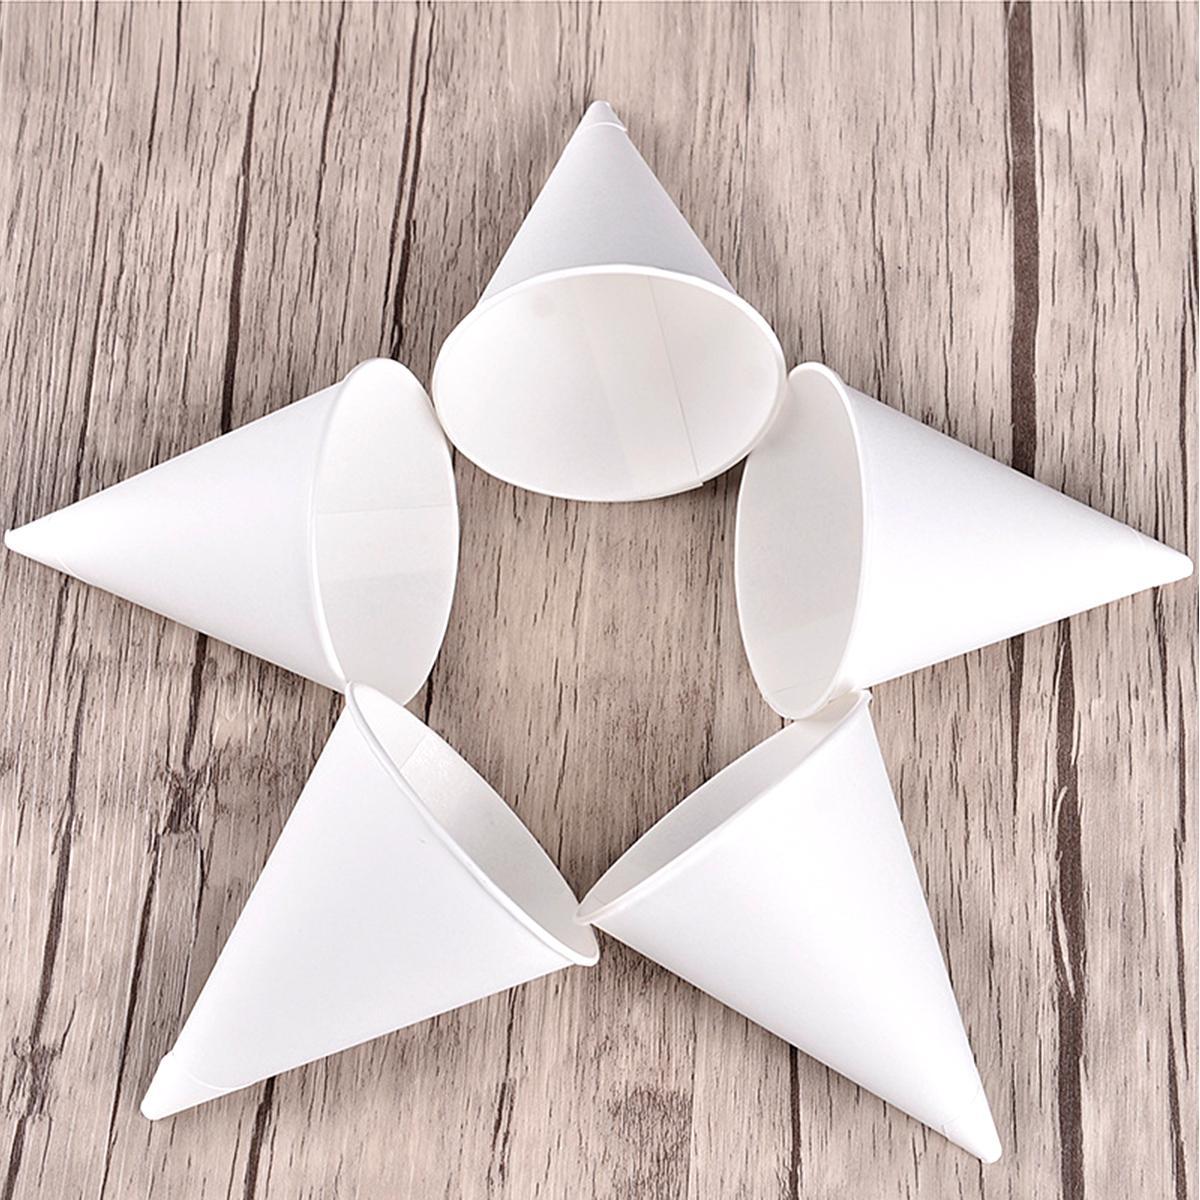 1000шт 3.7oz Одноразовые стаканчики для воды с конусом Бумажные воронки для стаканчиков для снега - белый